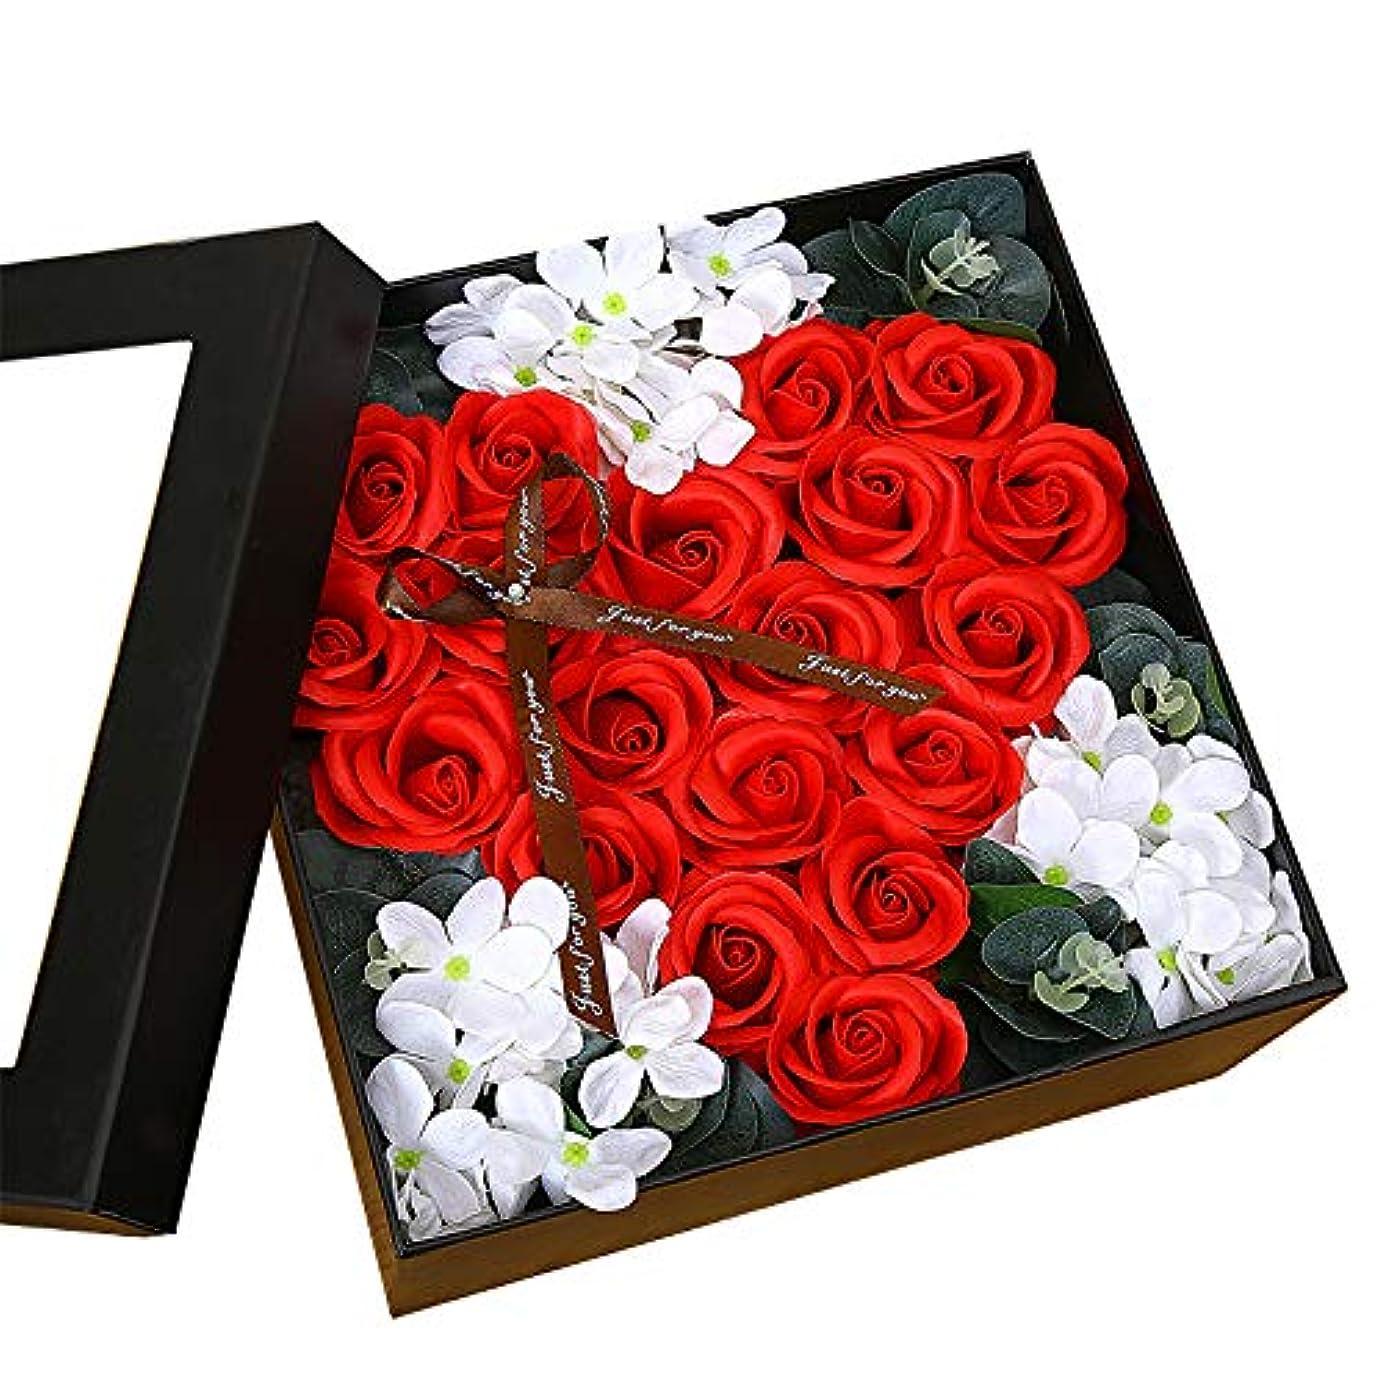 サスペンション一晩推定する生地と花石鹸の花 ギフトソープフラワーローズフラワーバレンタインデーのために不可欠ガールフレンド記念日誕生日母の日 (色 : Red square box)